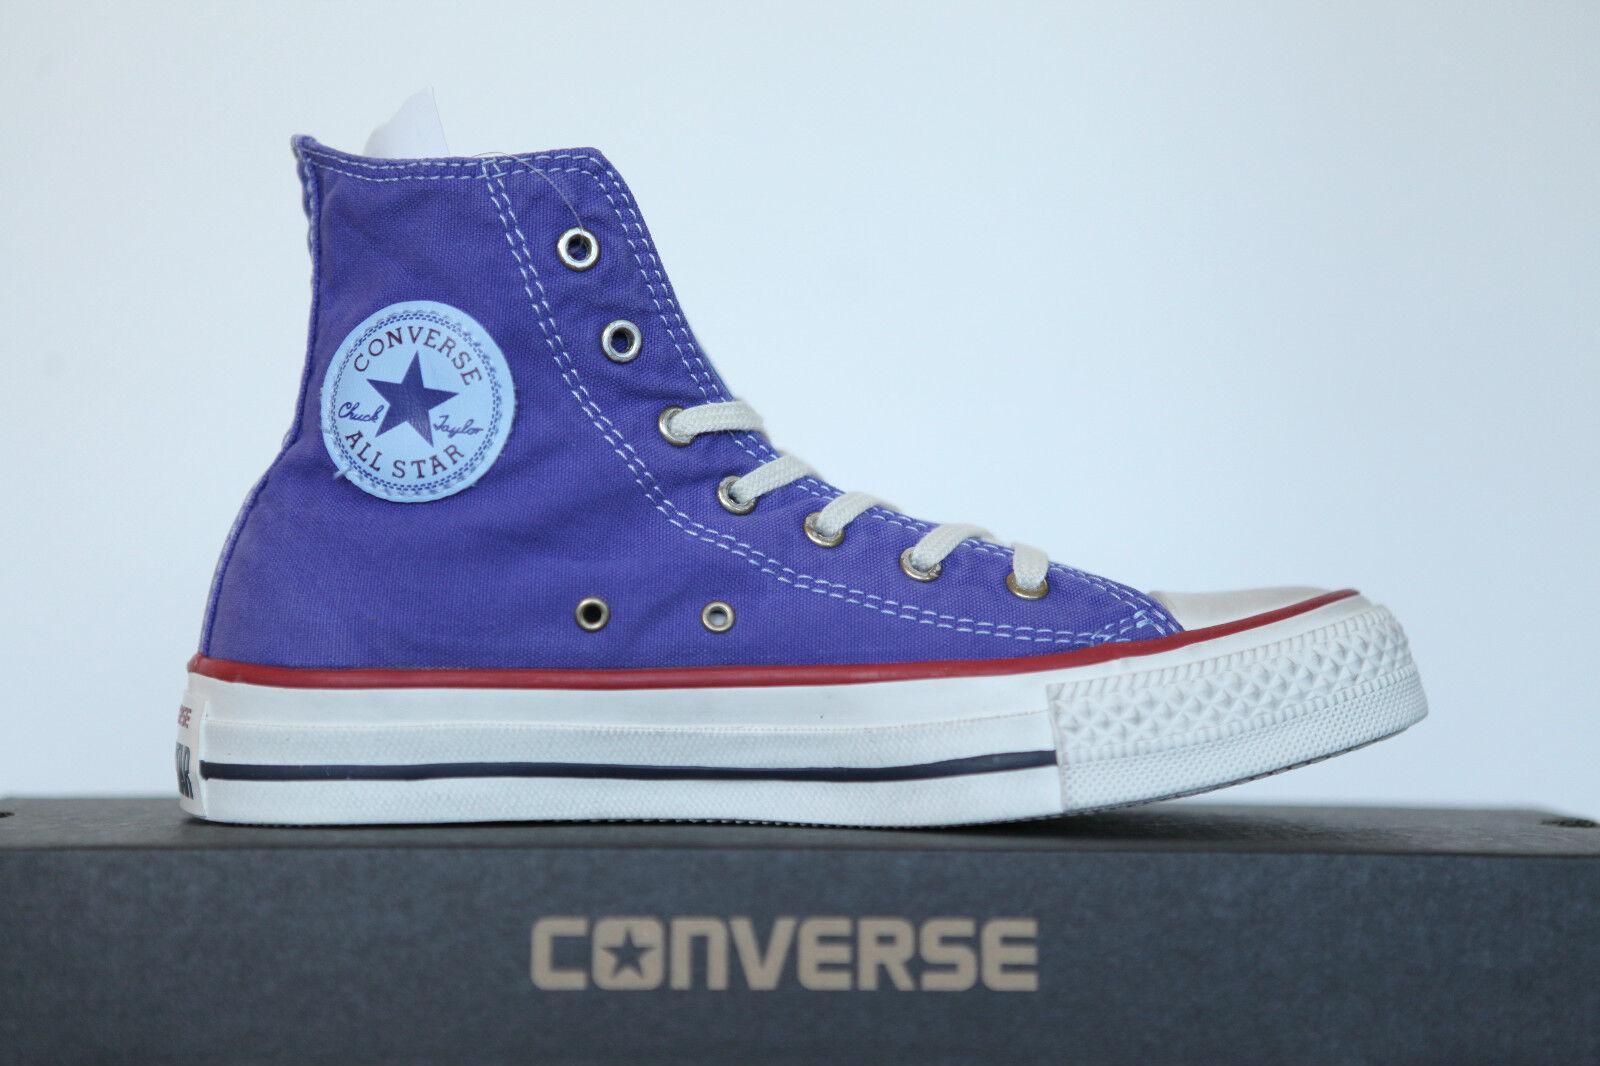 Zapatos casuales salvajes NUEVO ALL STAR CONVERSE CHUCKS HI lavado 142629c Zapatillas 40 Talla GB 7